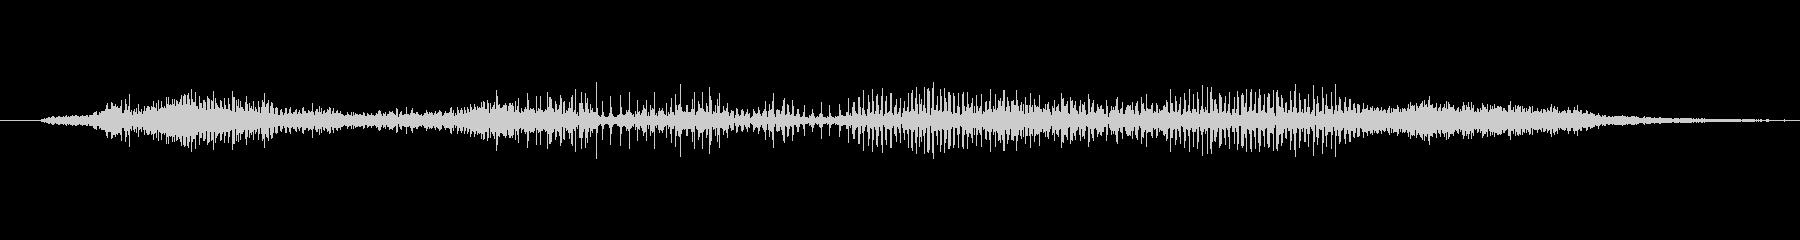 鳴き声 男性のうなり声睡眠01の未再生の波形